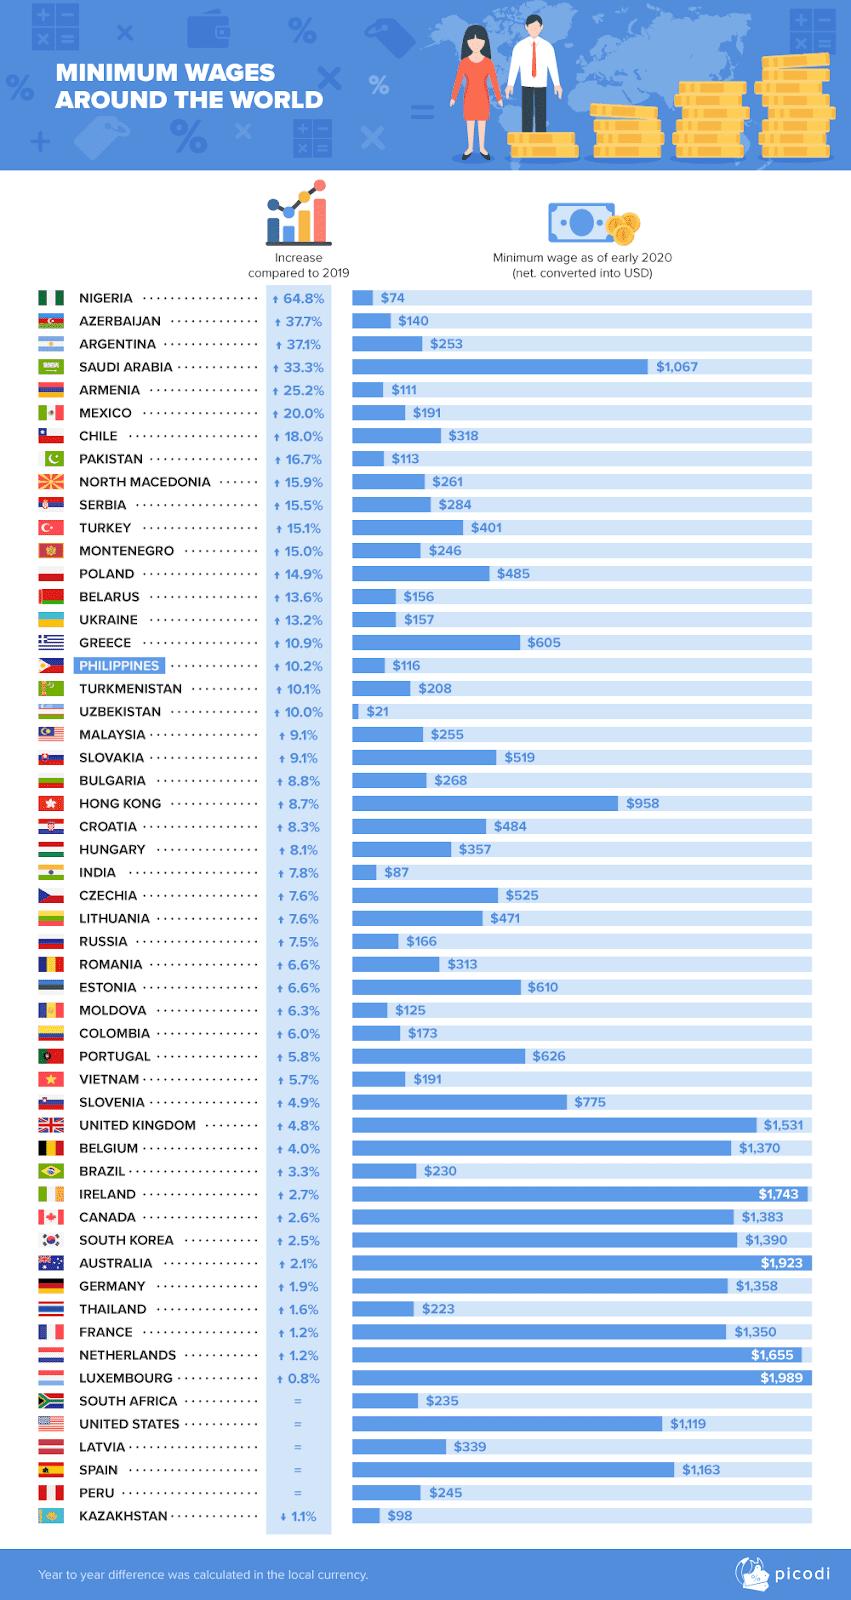 minimum wage around the world data